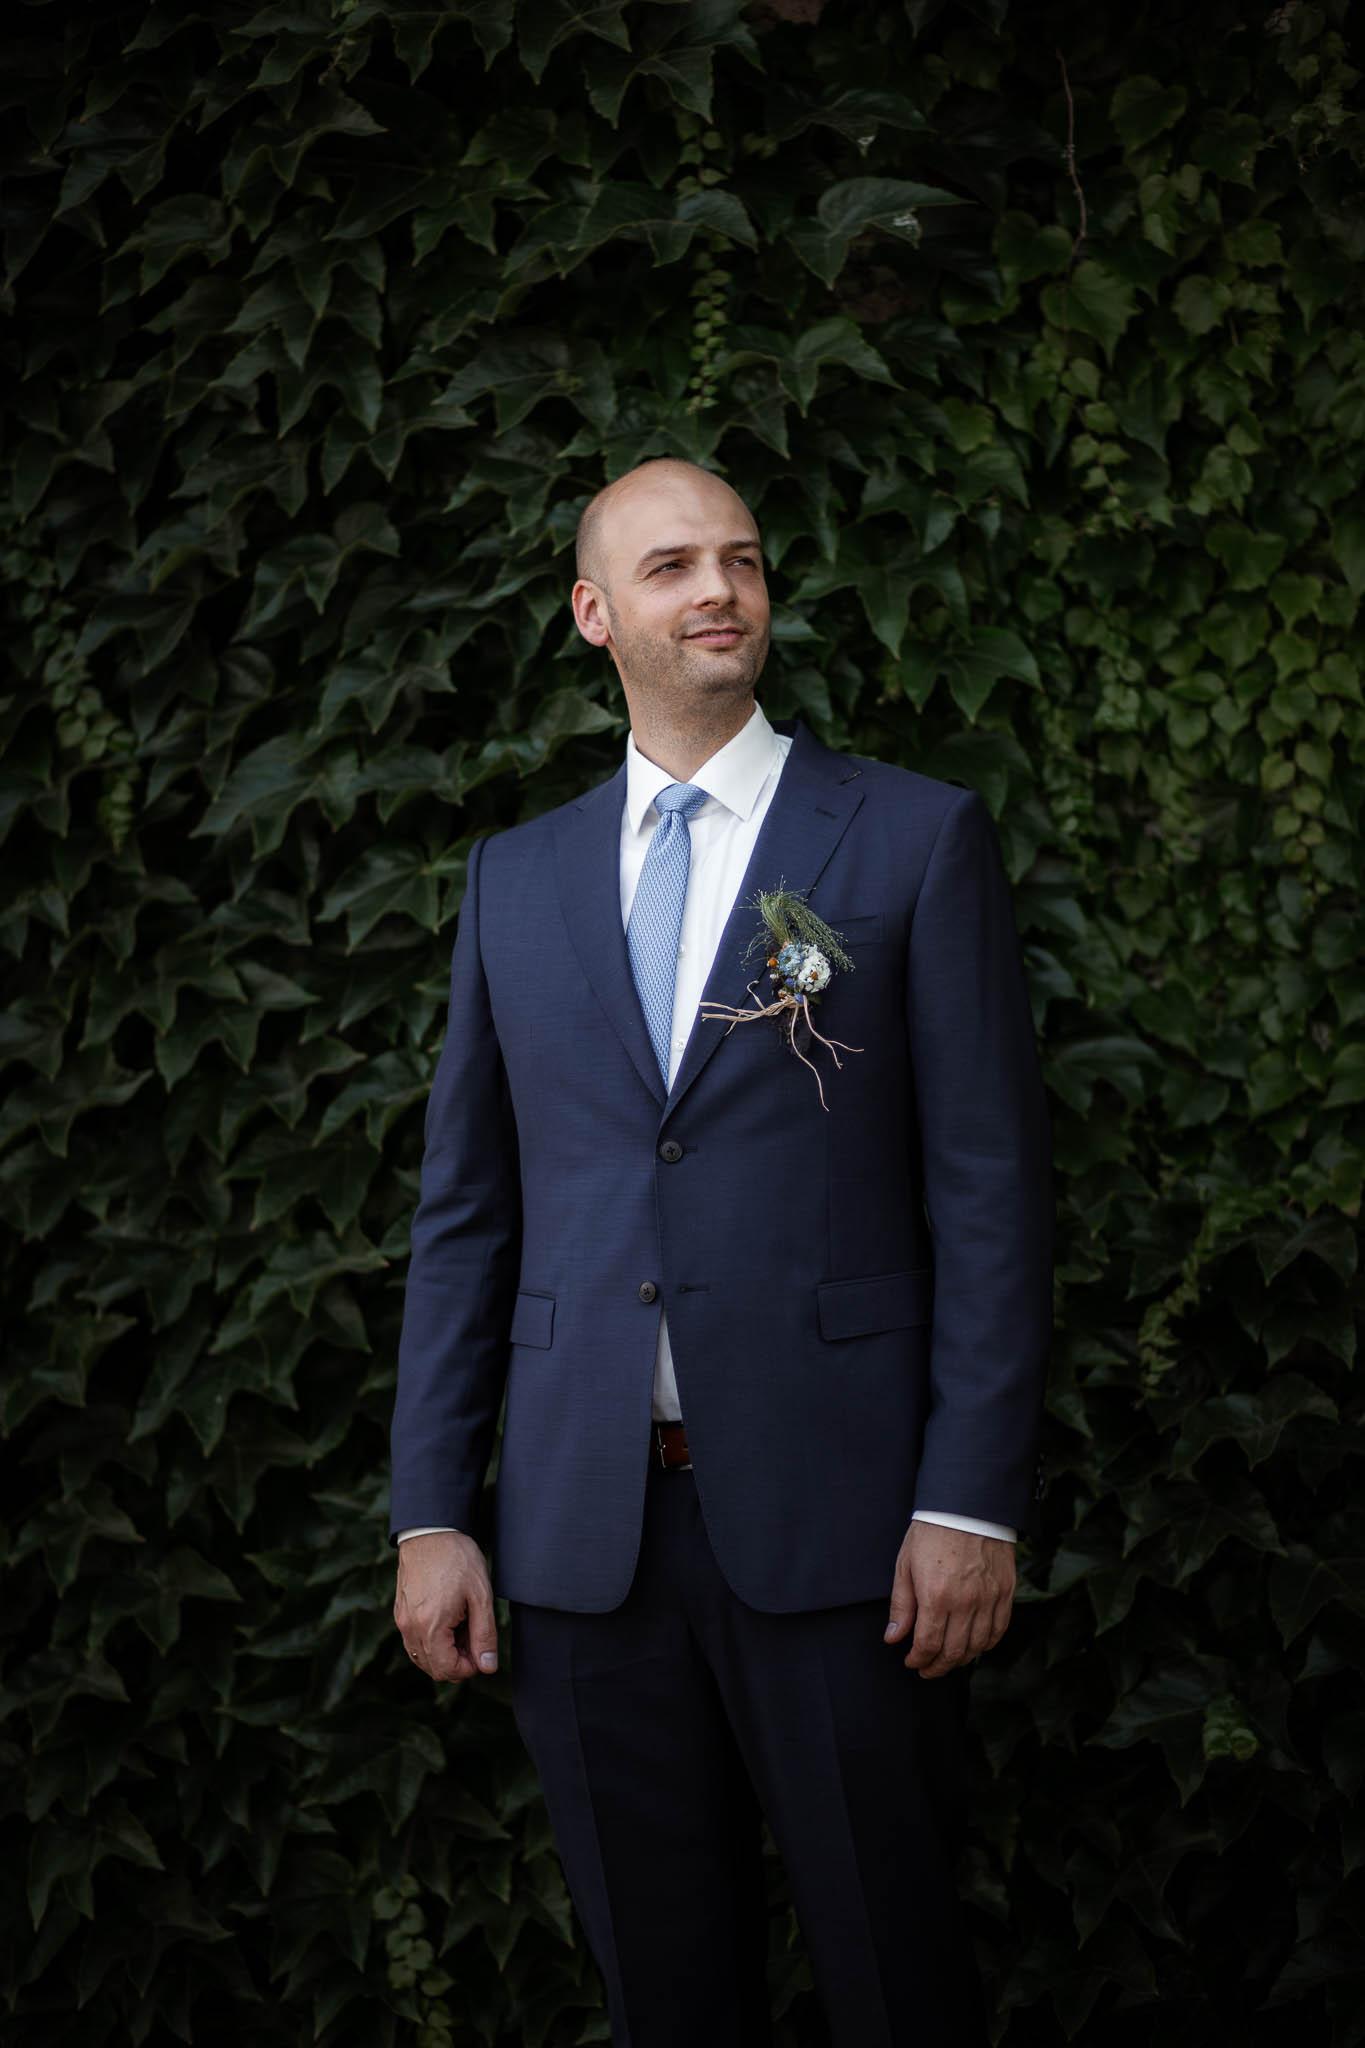 Hochzeitsfotograf Guntersblum, Domhof - Hochzeit von Ina & Johannes 51